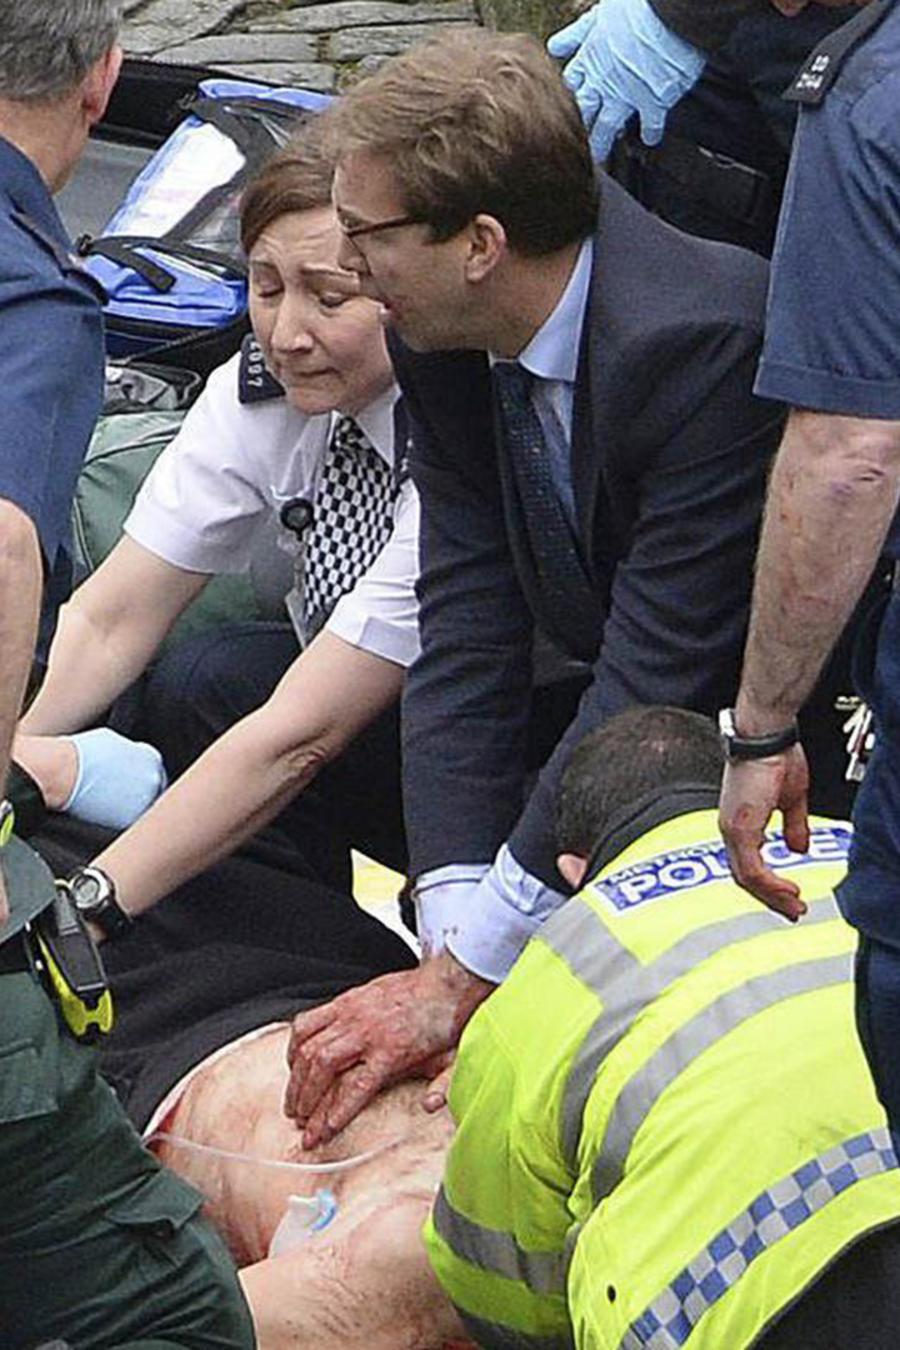 El político británico Tobias Ellwood ayuda a un policía apuñalado durante el ataque terrorista cerca del Parlamento británico el miércoles 22 de Marzo del 2017